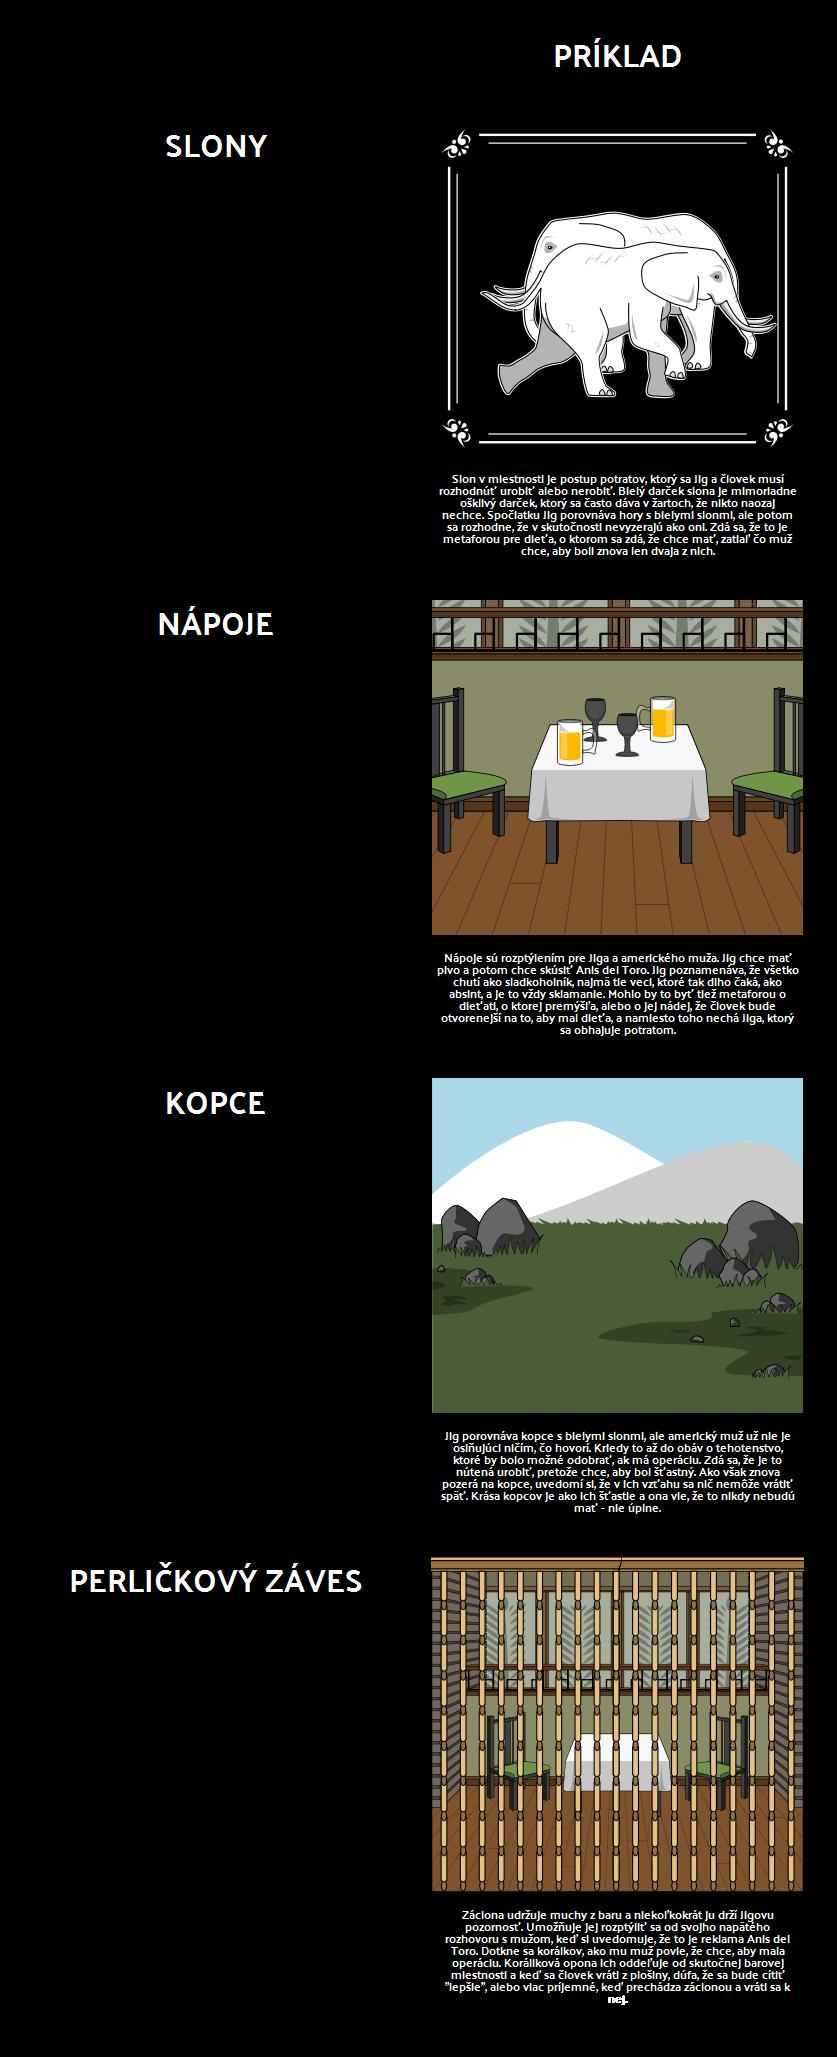 Témy, Symboly a Motívy v Kopcoch ako Biele Slony